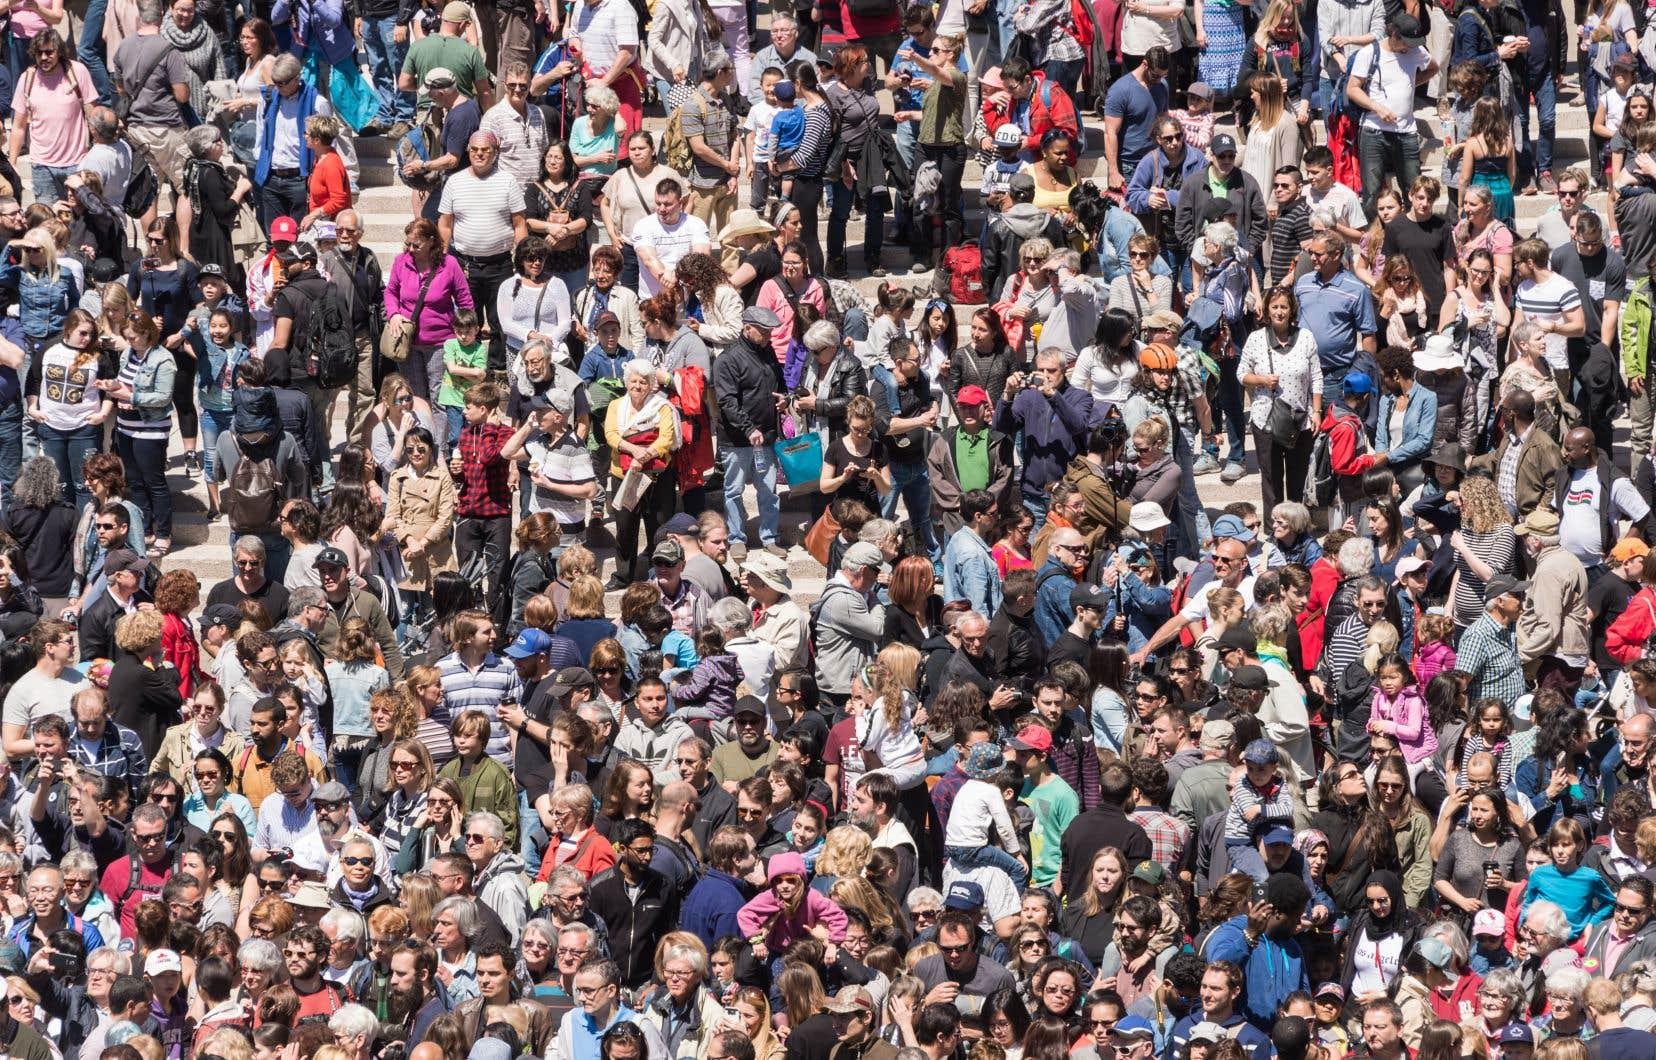 Avec cette lutte au coronavirus que mène le Québec, il faudra patienter encore un moment avant de voir une telle foule de citoyens envahir la place des Festivals, à Montréal.